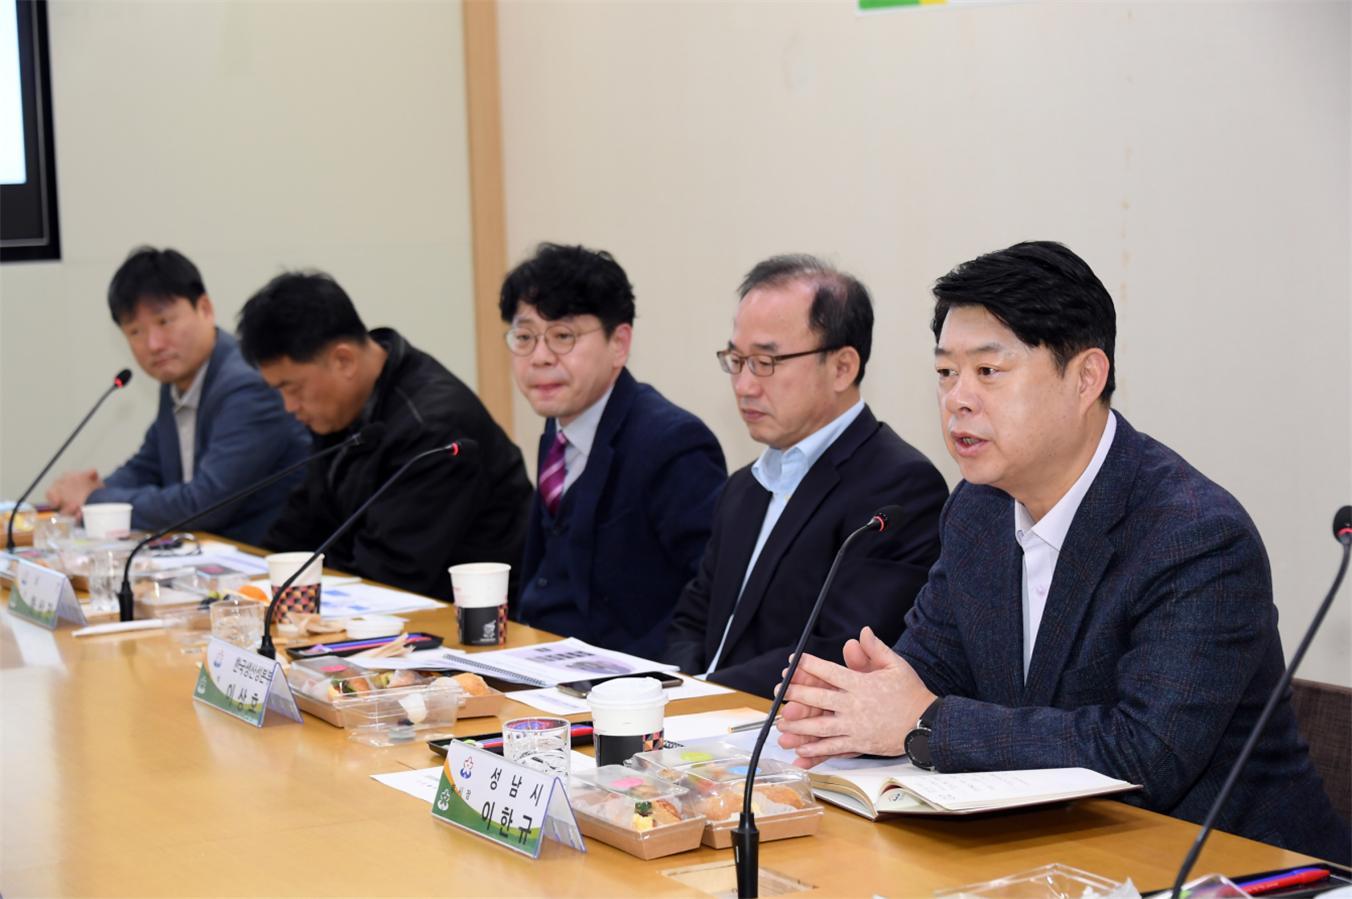 지난 11월 제5회 성남시 스마트시티 토론사진